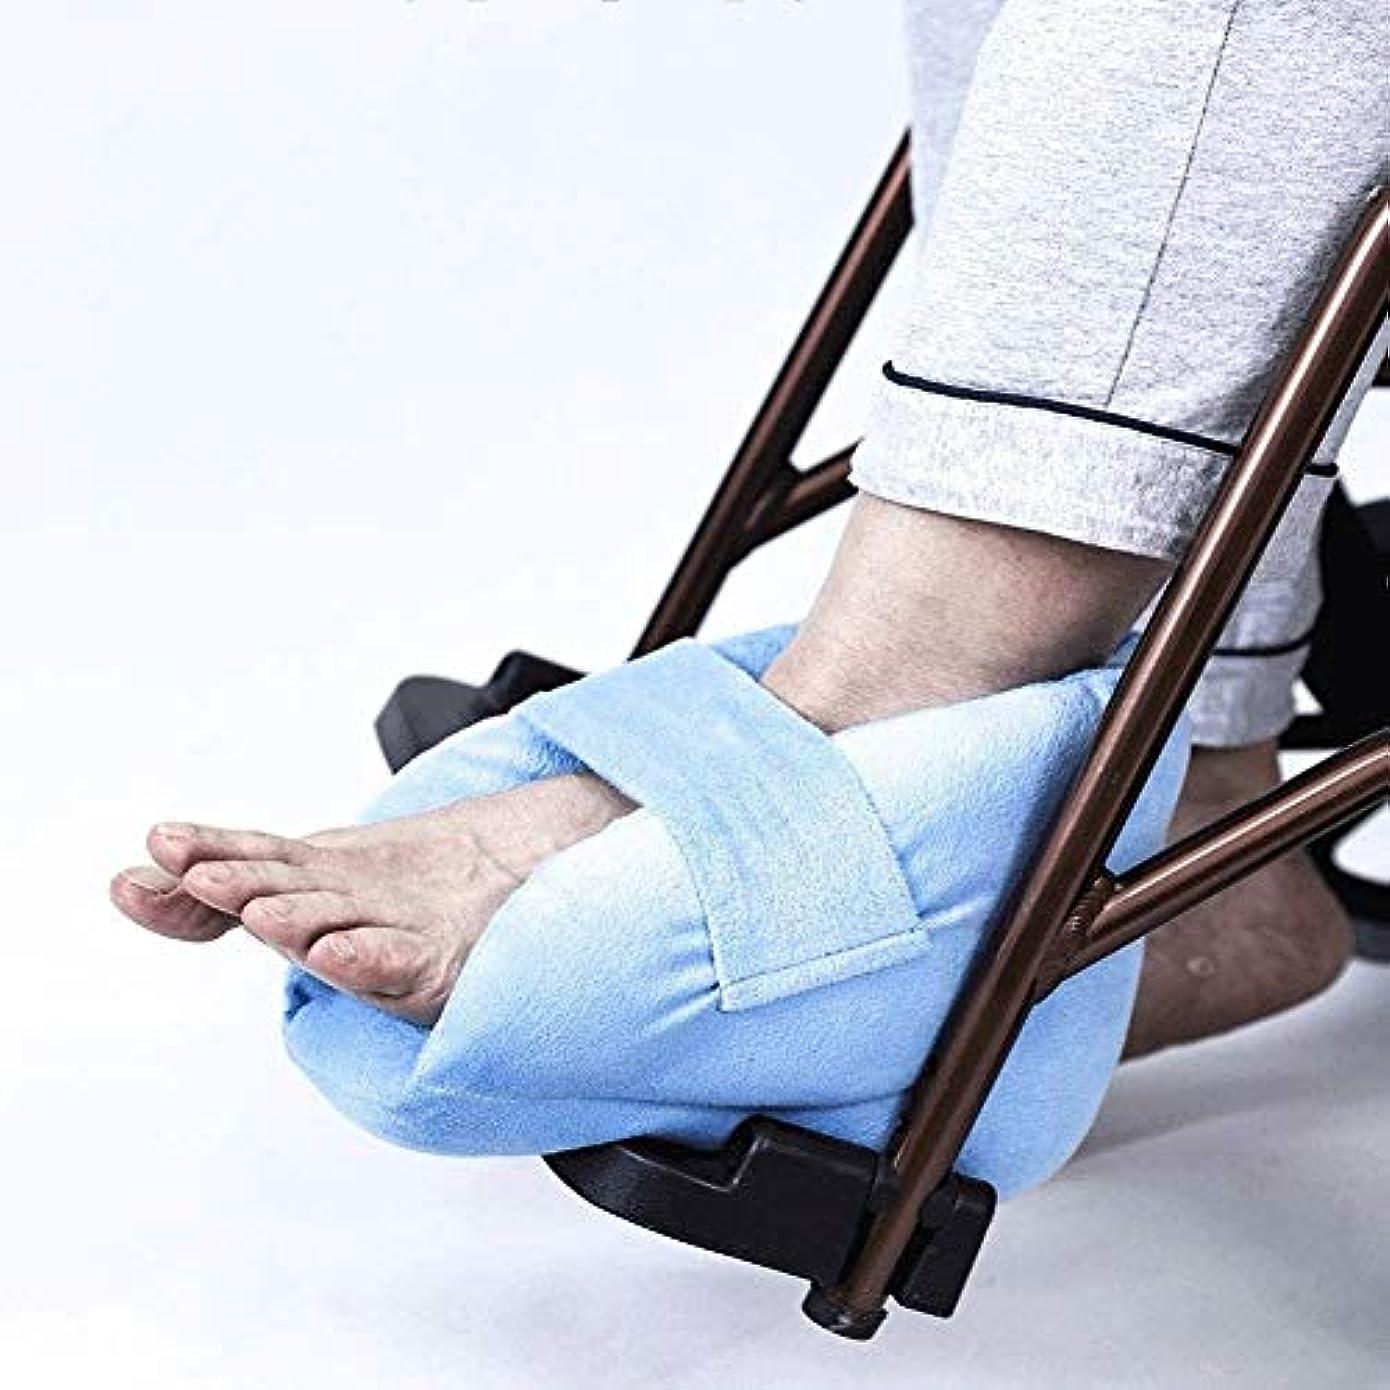 姪パケット結婚かかとプロテクター枕、足補正カバー圧痛とかかと潰瘍の救済 高弾性スポンジ充填、ライトブルー-1ペア